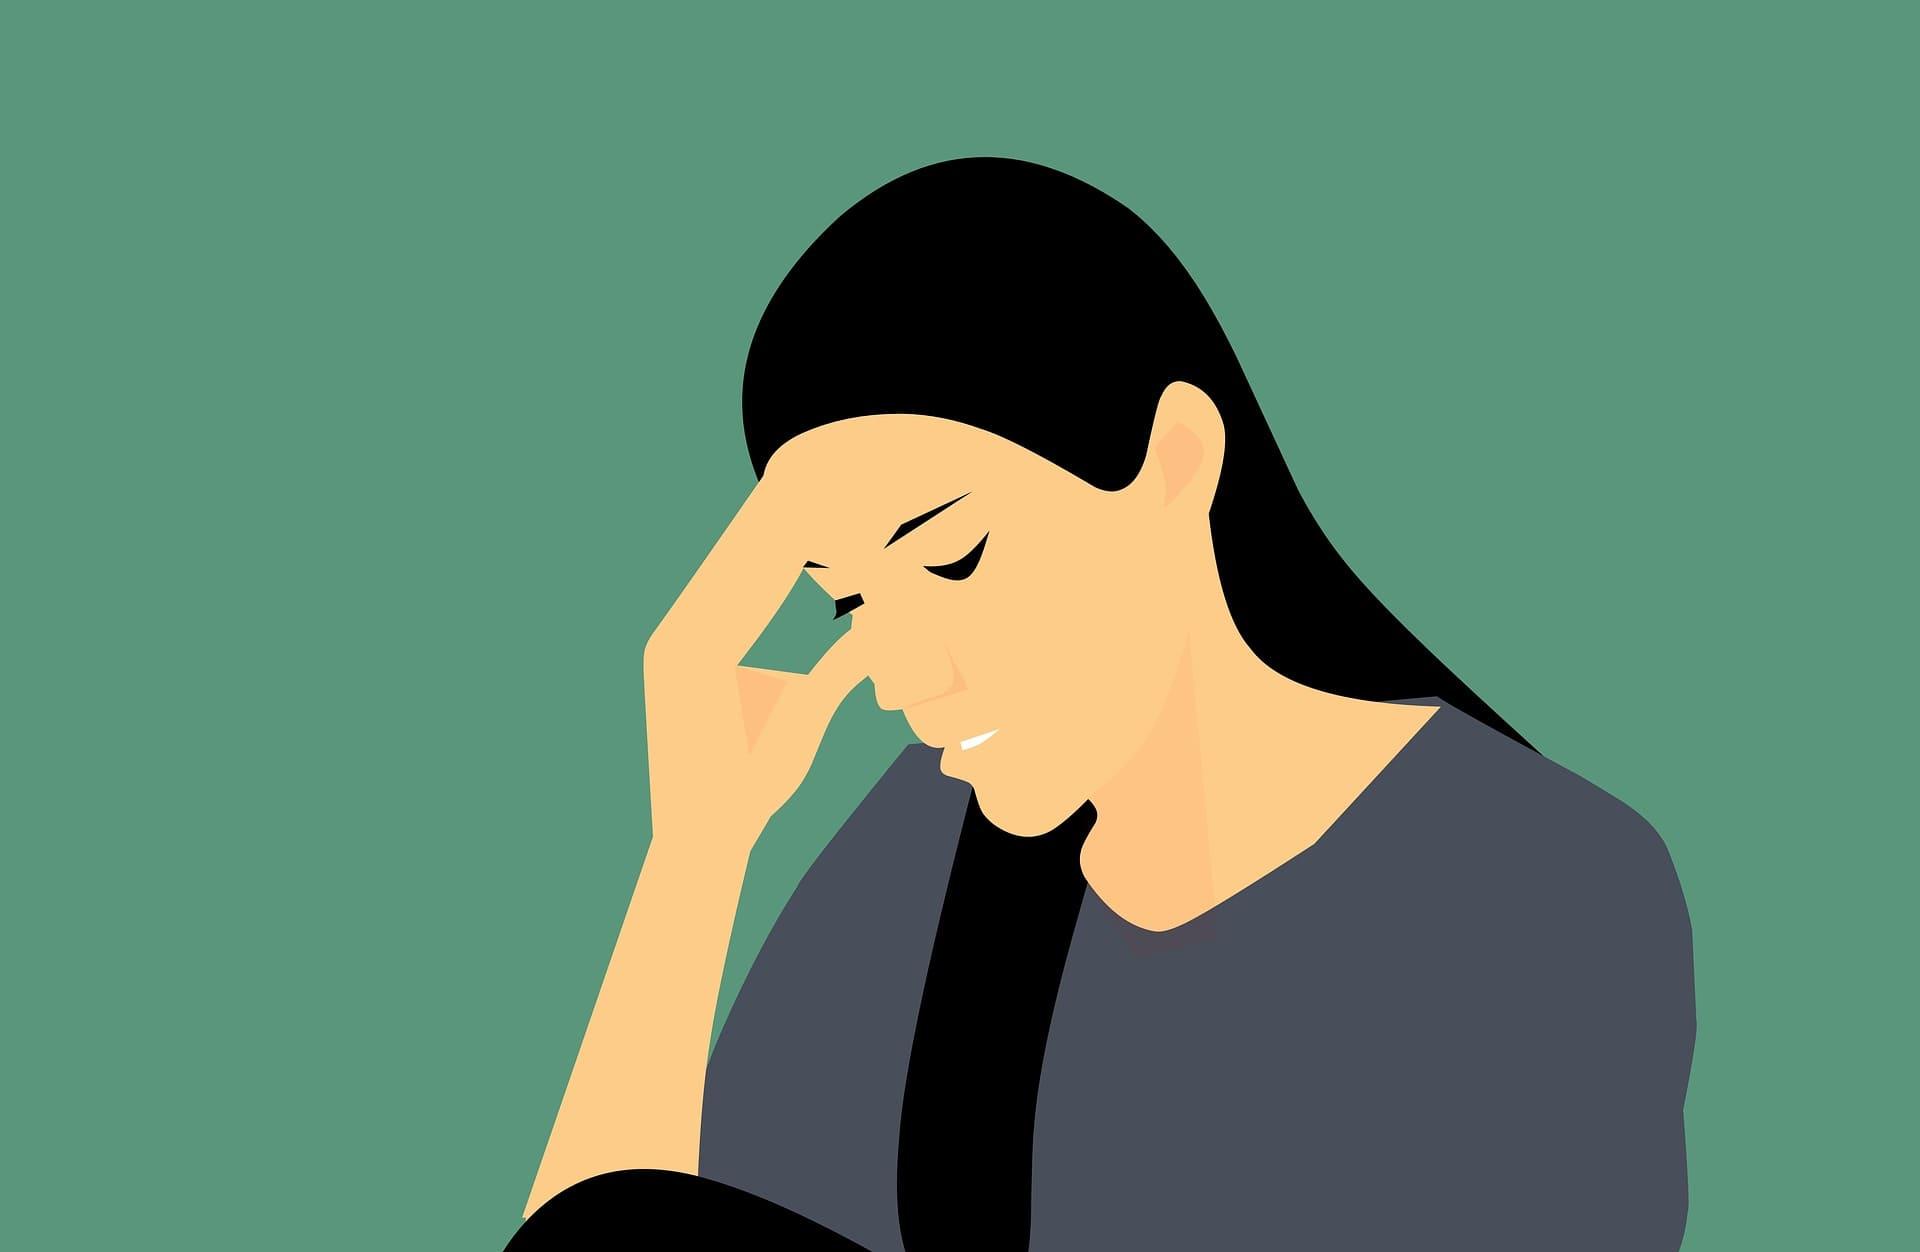 ラブグラで頭痛